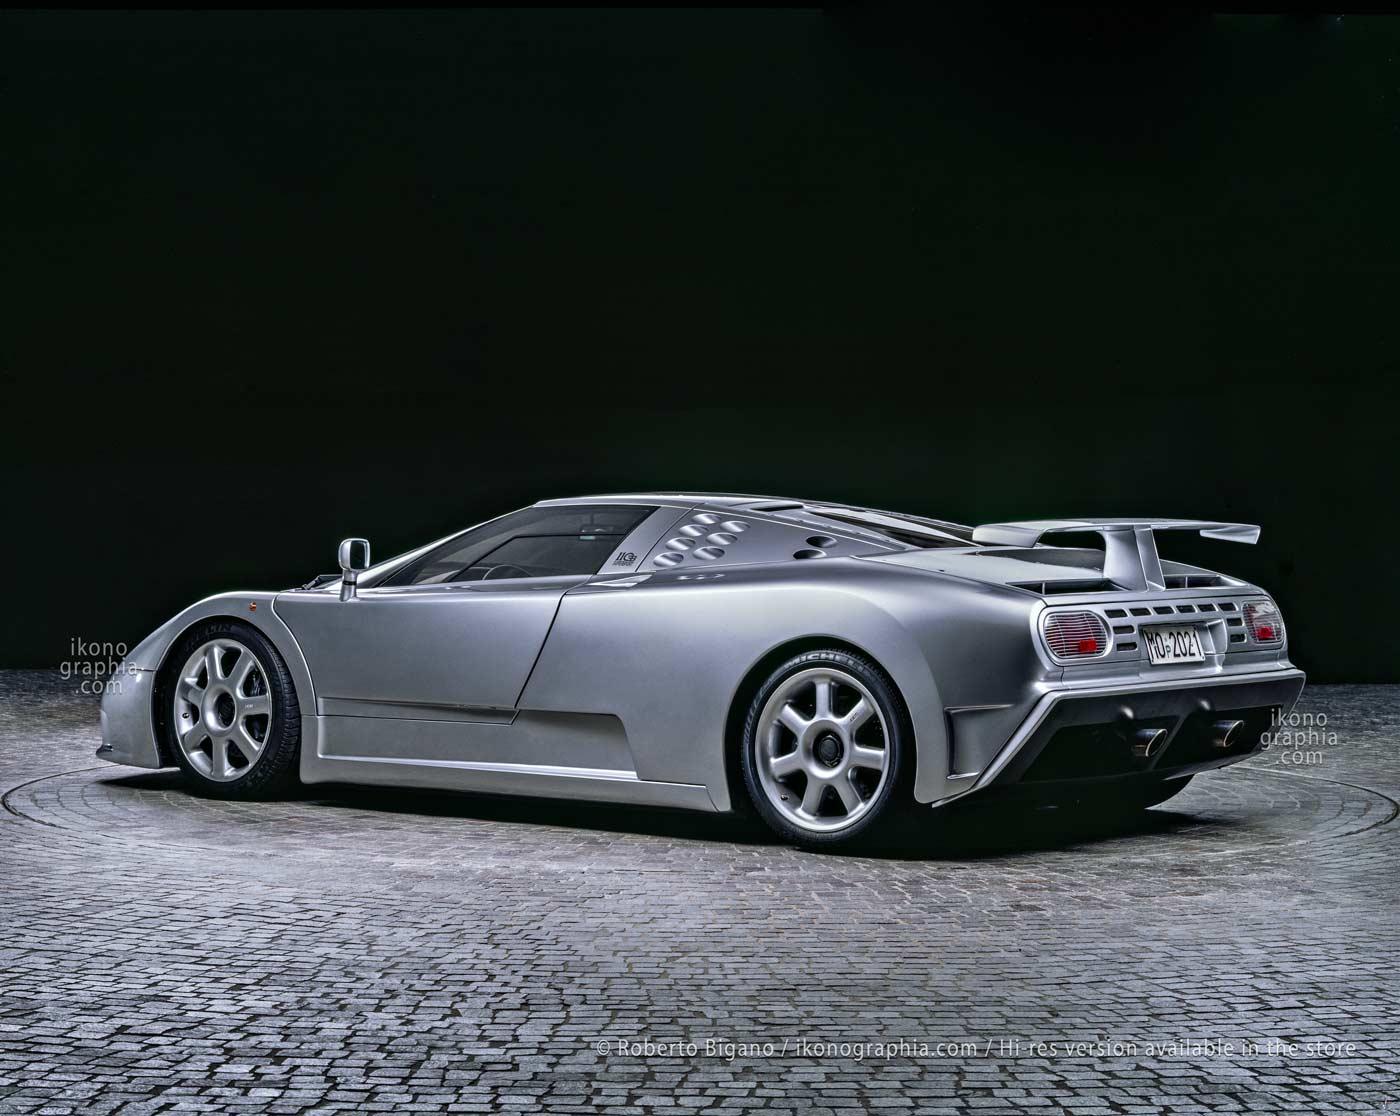 Bugatti EB110 Supersport pictured in the futuristic show-room at Campogalliano. Photo Roberto Bigano. Buy this image in the ikonographia.com store.